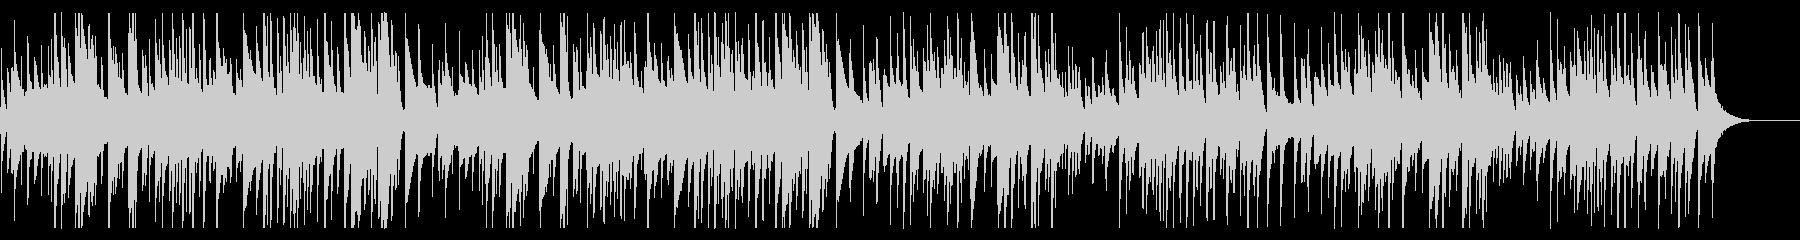 ギター 曲 バッハの未再生の波形